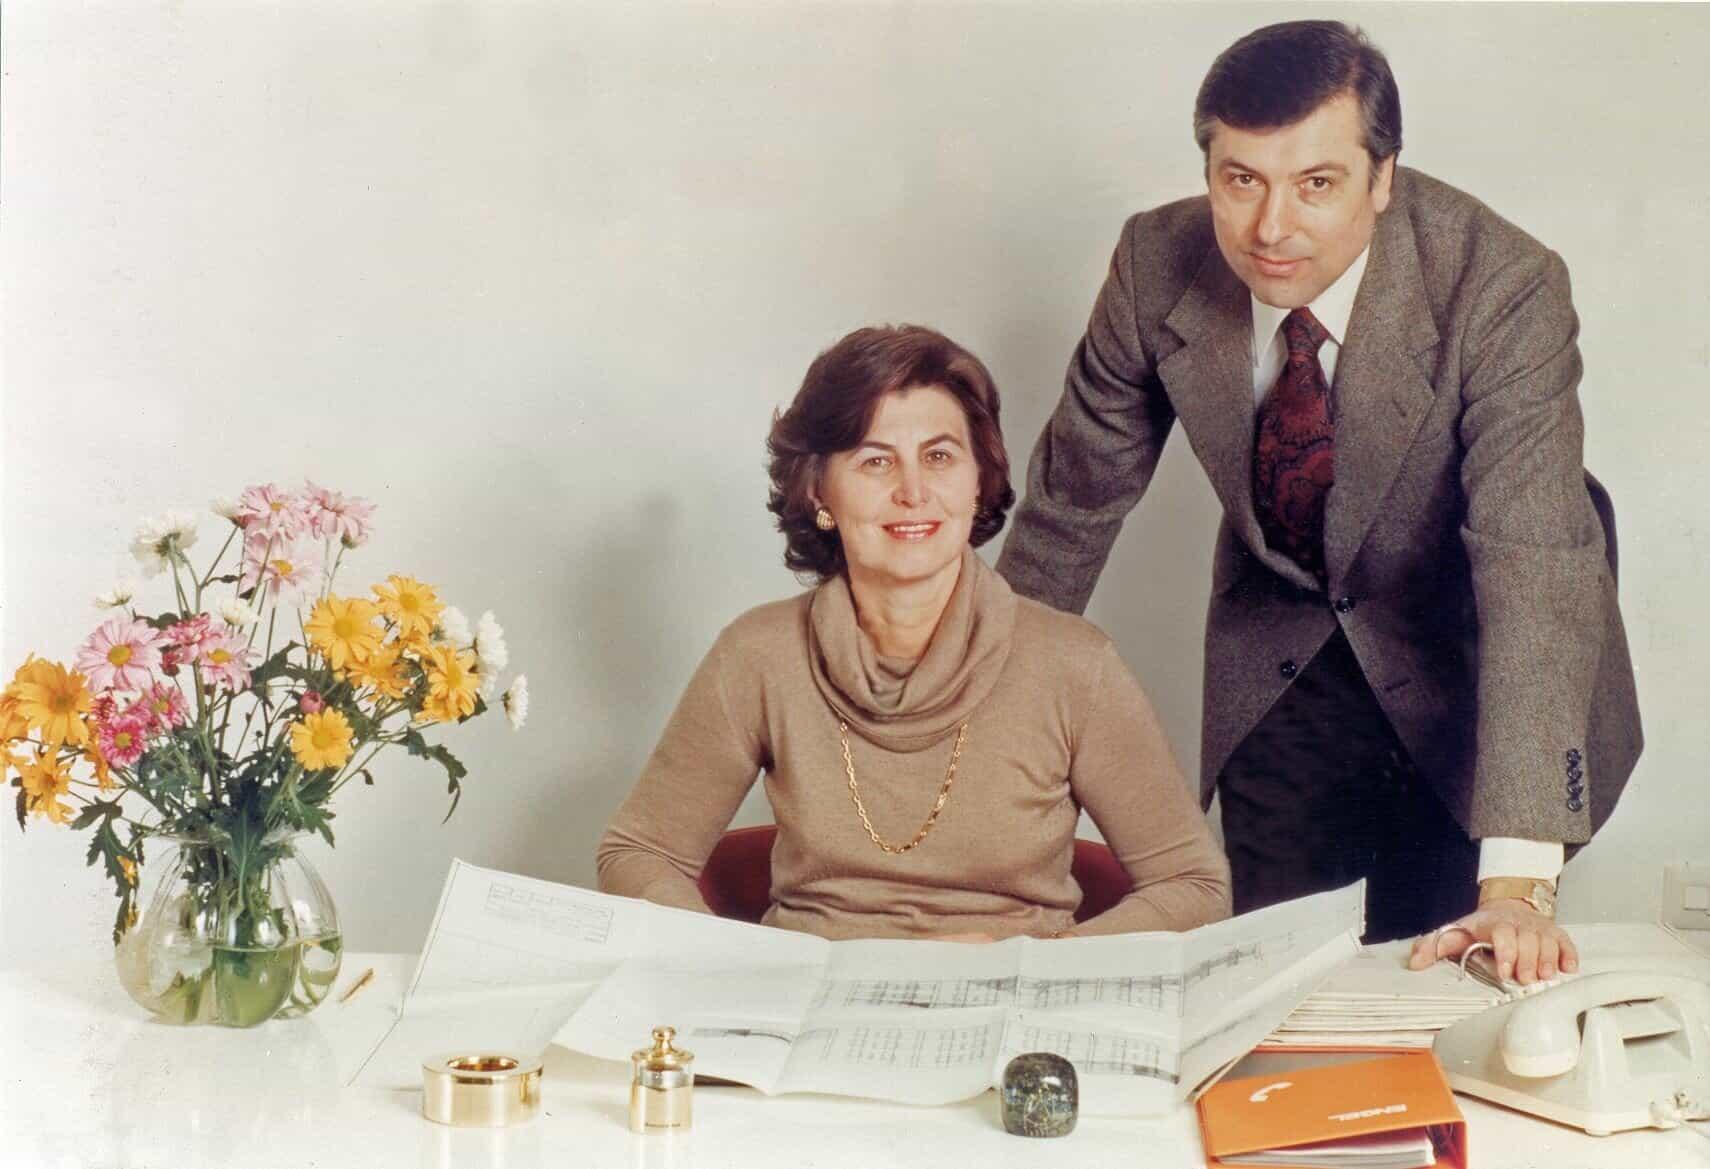 Herr und Frau Schwarz_1